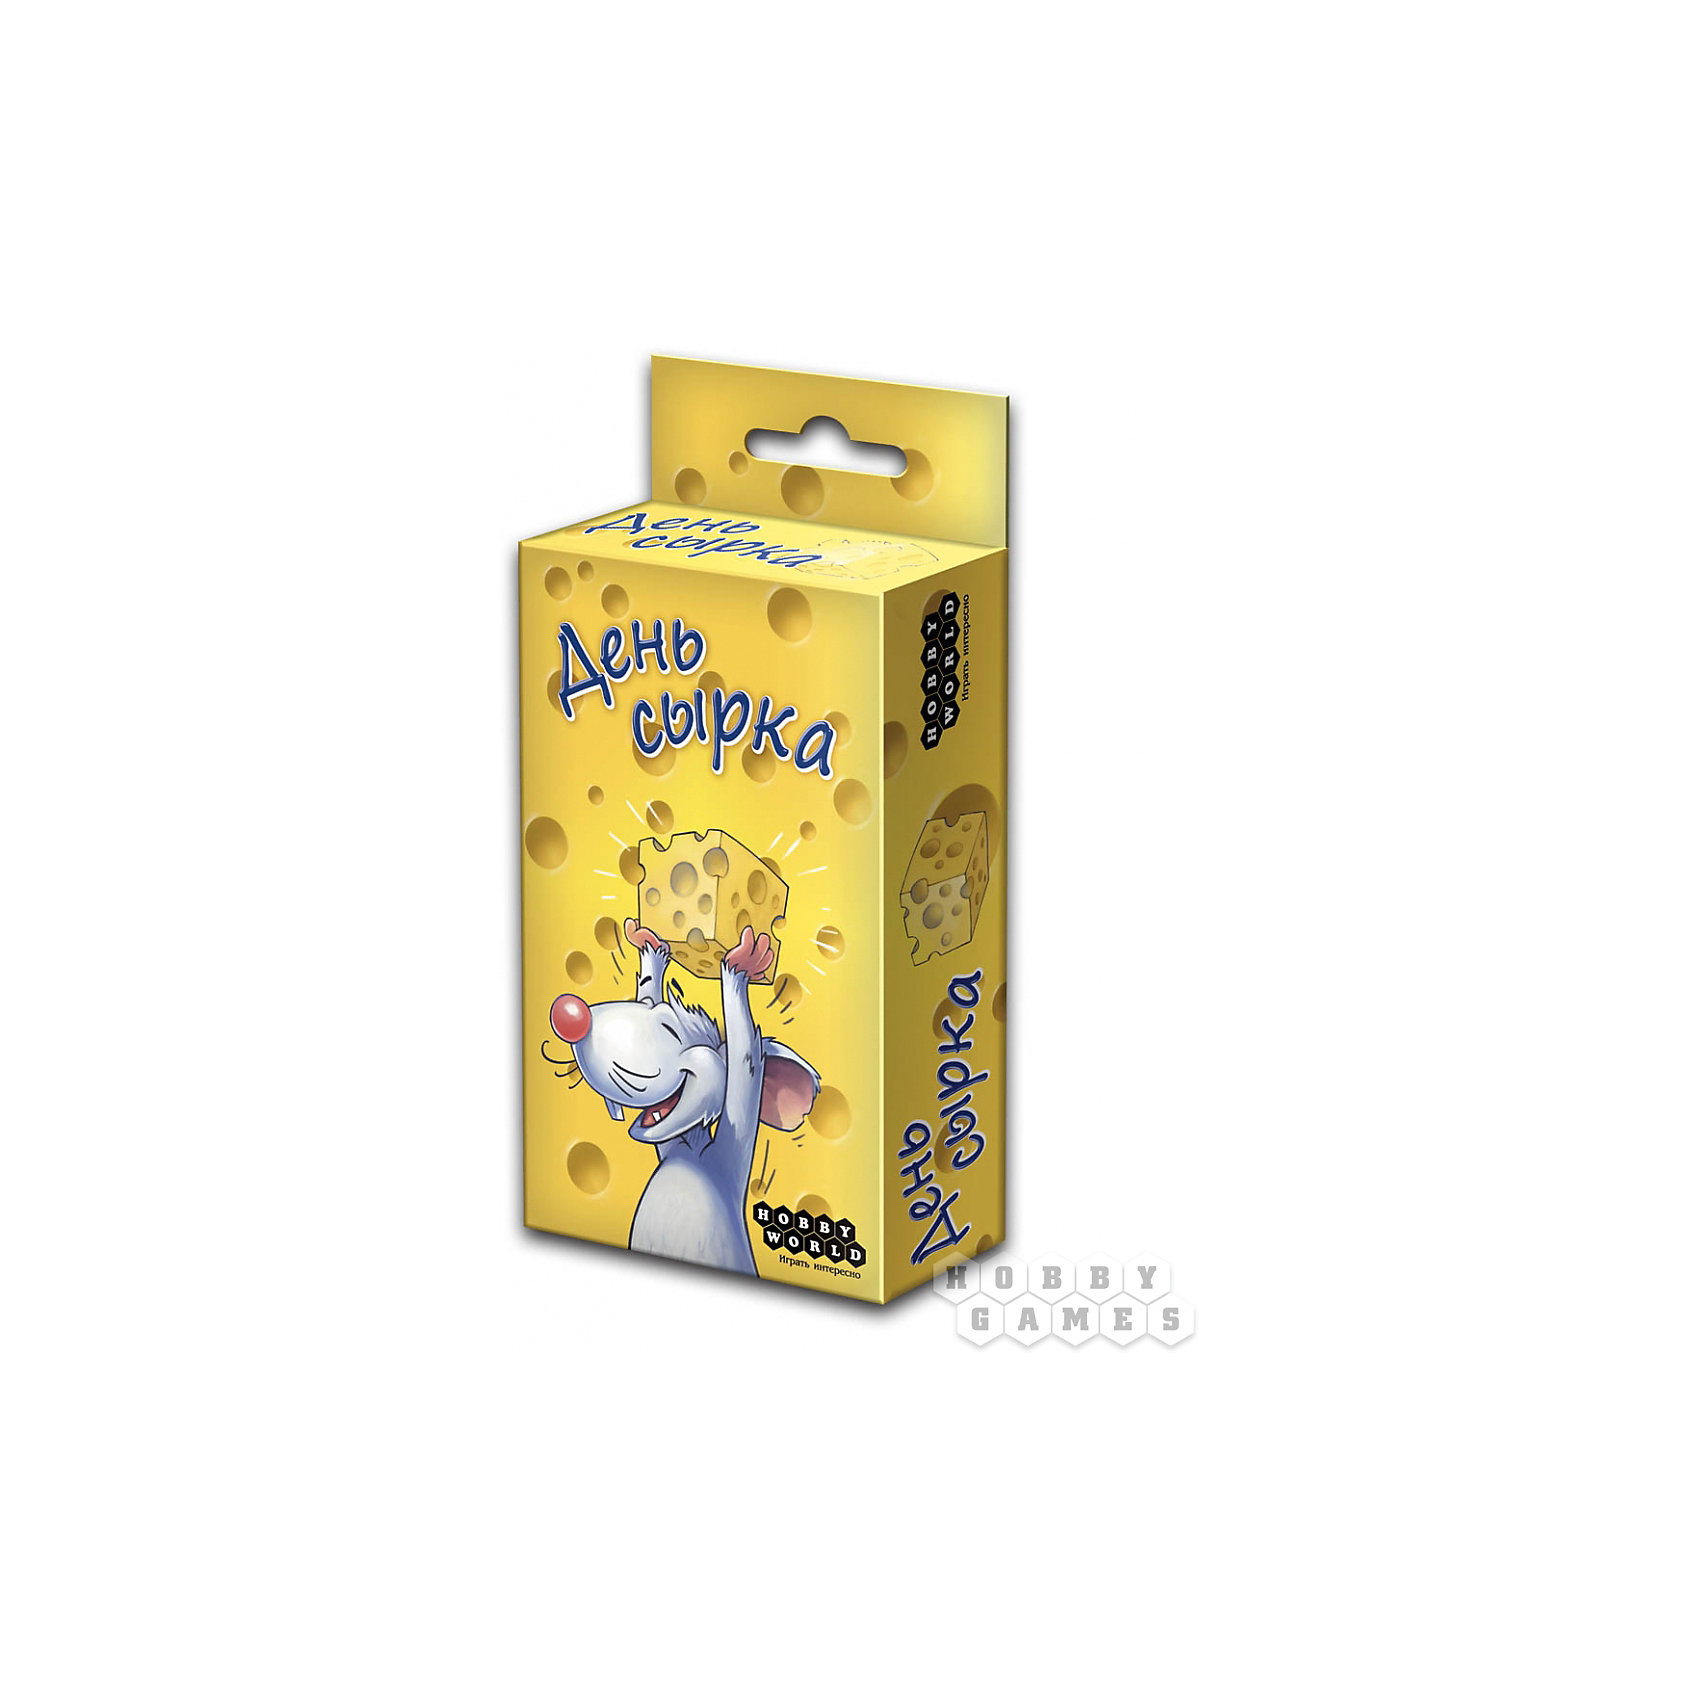 Набор День сырка,  Hobby WorldНастольные игры для всей семьи<br>Характеристики товара:<br><br>• возраст: от 5 лет;<br>• материал: картон;<br>• количество игроков: 2-6 человек;<br>• время игры: 15 минут;<br>• в комплекте: 36 карт, кубик, правила игры;<br>• размер упаковки 13,5х6,8х2,8 см;<br>• вес упаковки 71 гр.;<br>• страна производитель: Россия.<br><br>Набор «День сырка» Hobby World позволит увлекательно провести время в компании друзей или семьи. В игре каждый предстает в роли мышки, которая должна собрать как можно больше сырных дырочек. Но чем больше дырок на карточке, тем велика вероятность попасться в мышеловку. Во время игры игроки в некоторых случаях могут подсматривать, что находится на лицевой стороне карты, а в других случаях приходится надеяться на удачу. Если мышка попала в мышеловку 3 раза, игрок выбывает. Победит тот, кто соберет больше всех сырных дырочек.<br><br>Набор «День сырка» Hobby World можно приобрести в нашем интернет-магазине.<br><br>Ширина мм: 135<br>Глубина мм: 68<br>Высота мм: 28<br>Вес г: 71<br>Возраст от месяцев: 60<br>Возраст до месяцев: 2147483647<br>Пол: Унисекс<br>Возраст: Детский<br>SKU: 5597222